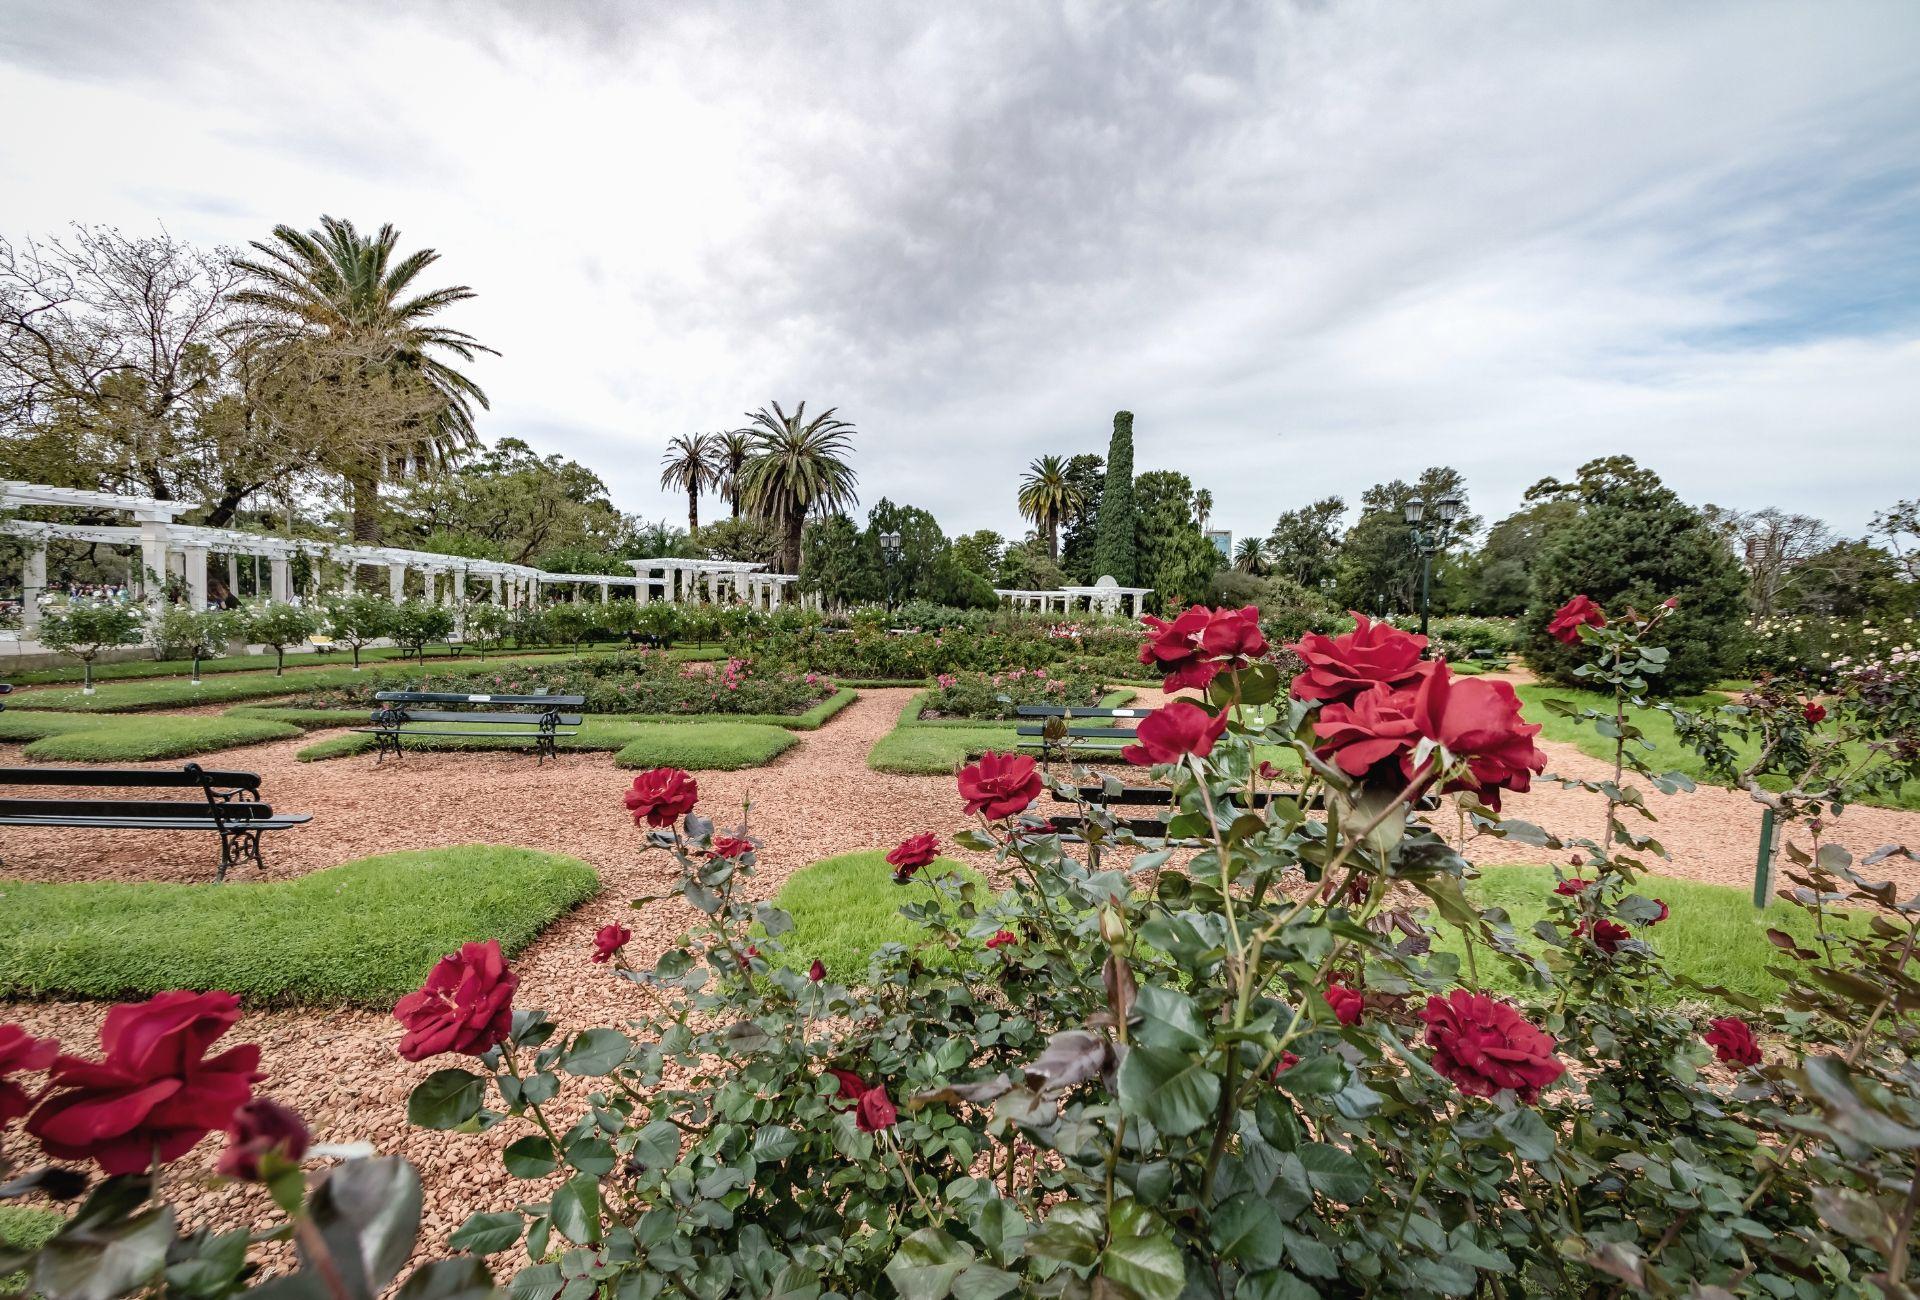 Parque El Rosedao com rosas vermelhas